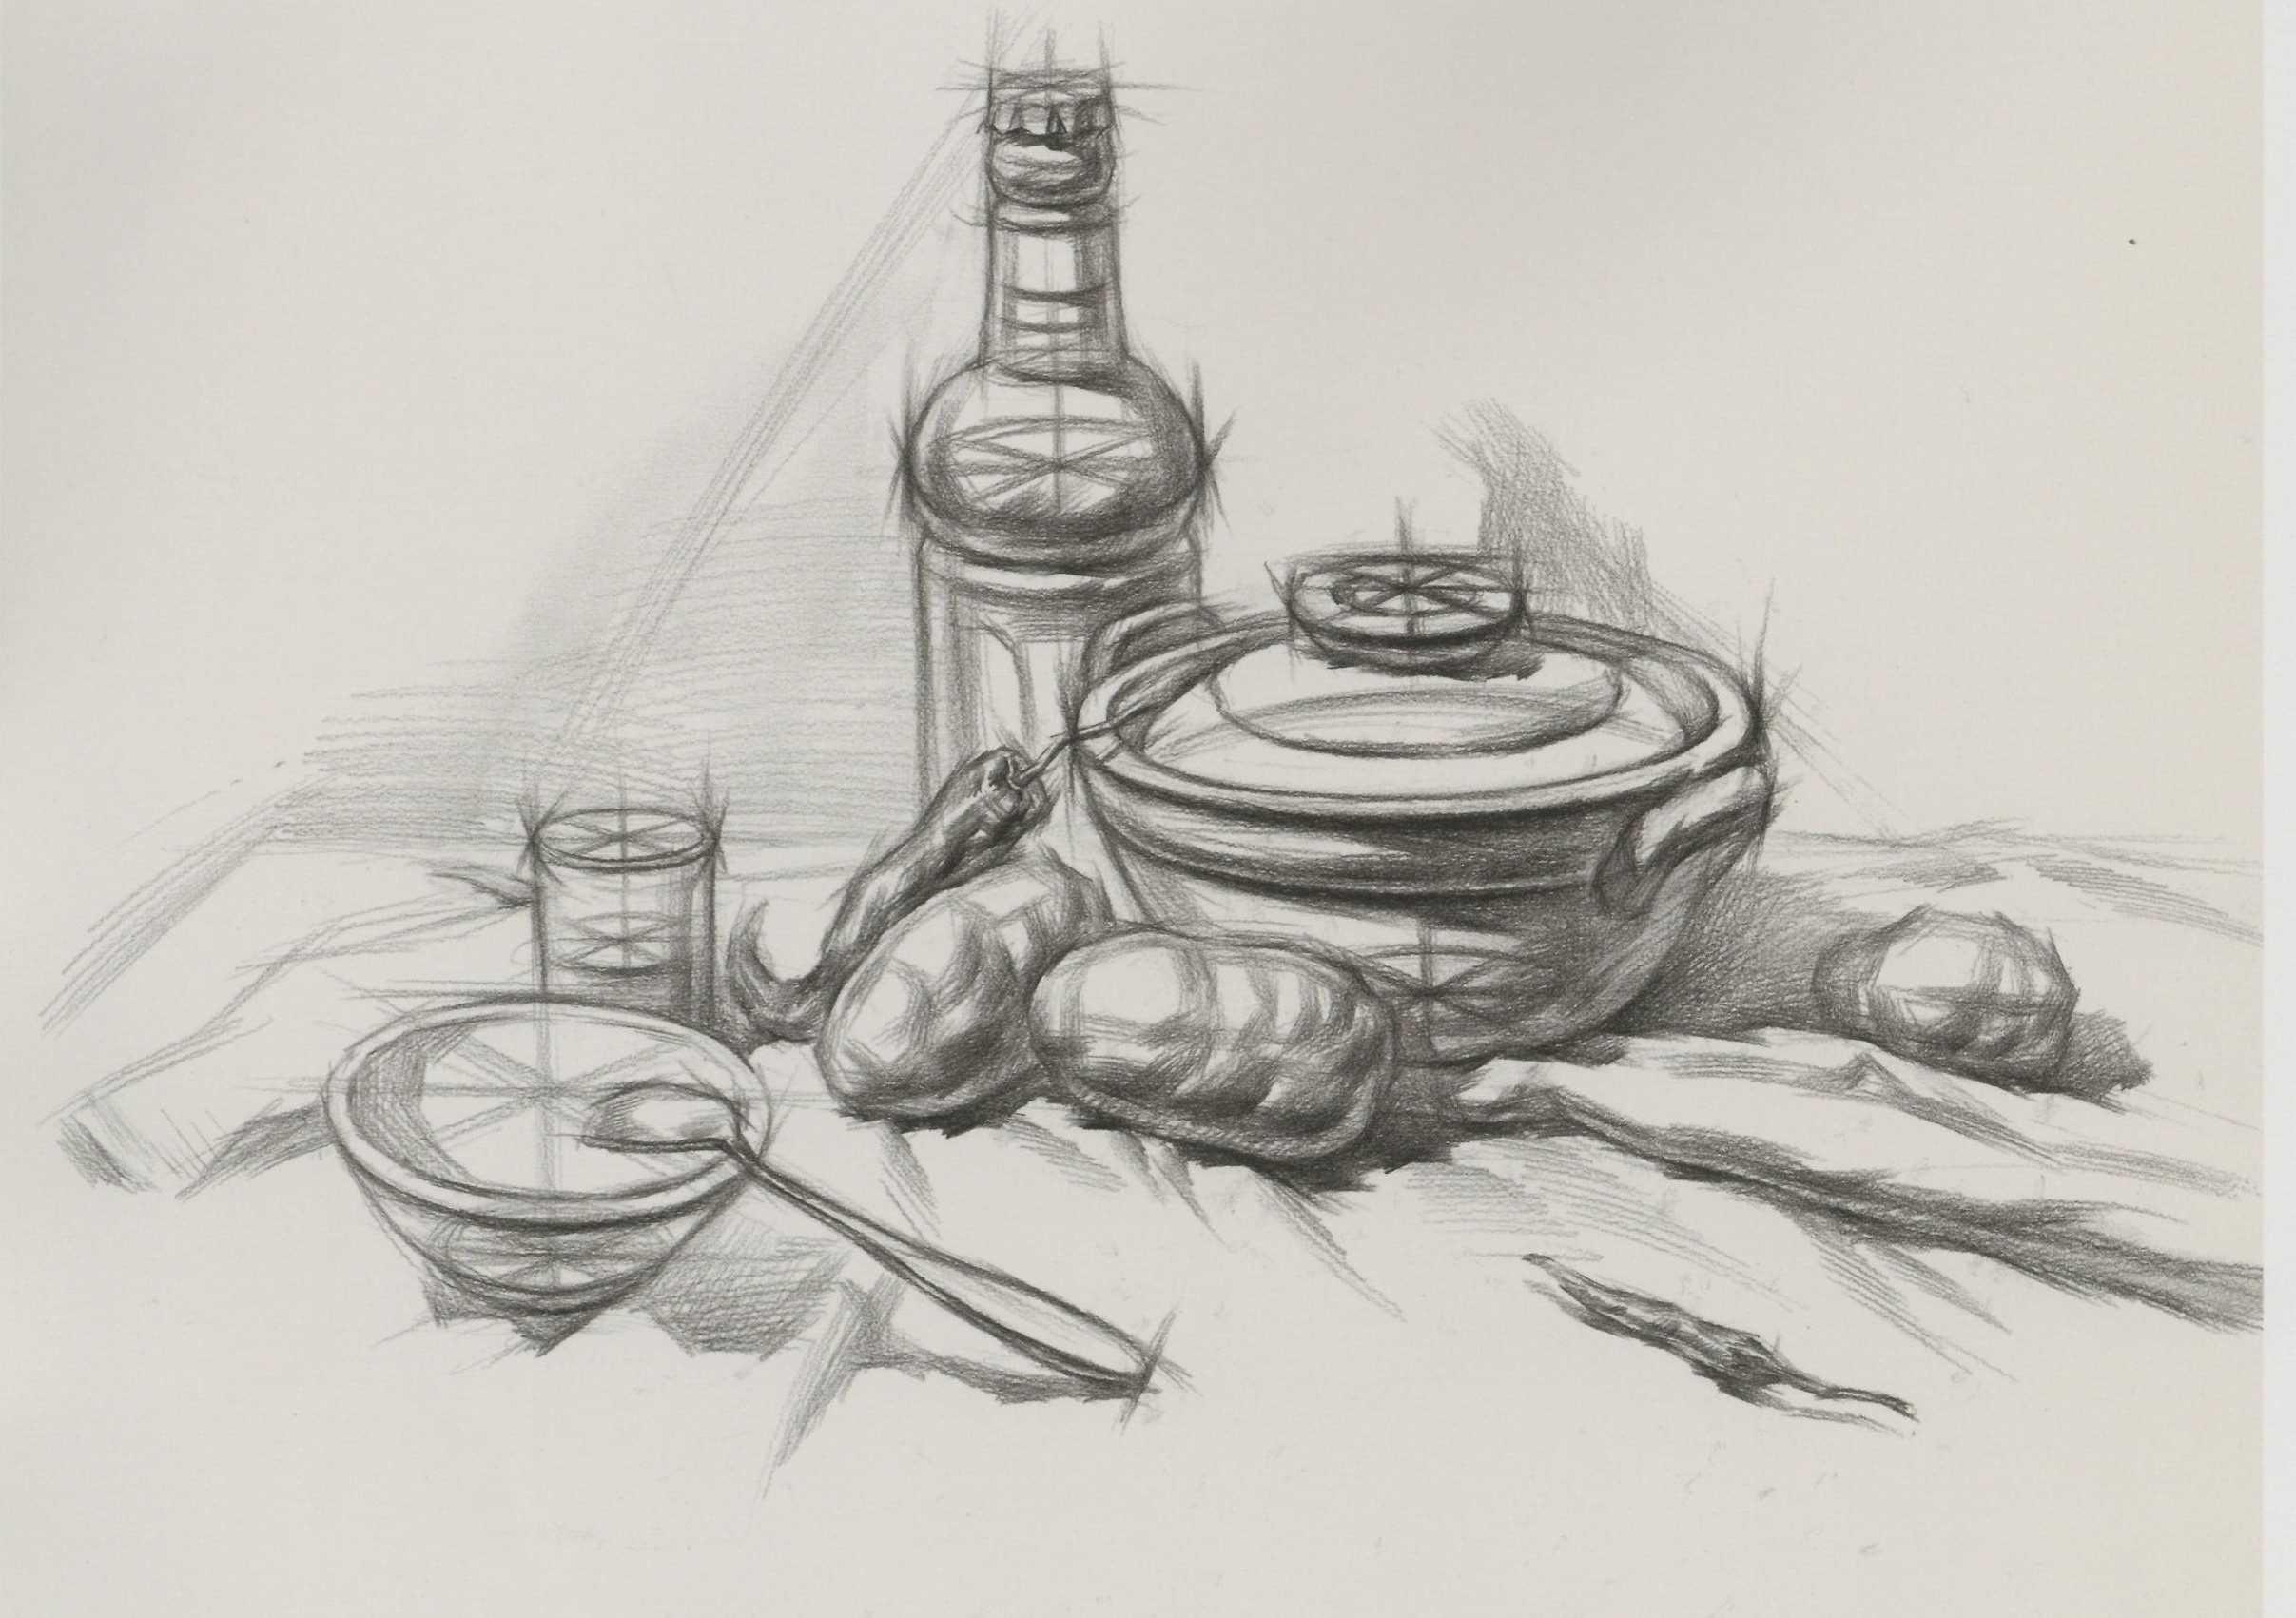 素描静物组合砂锅酒瓶等附带结构图